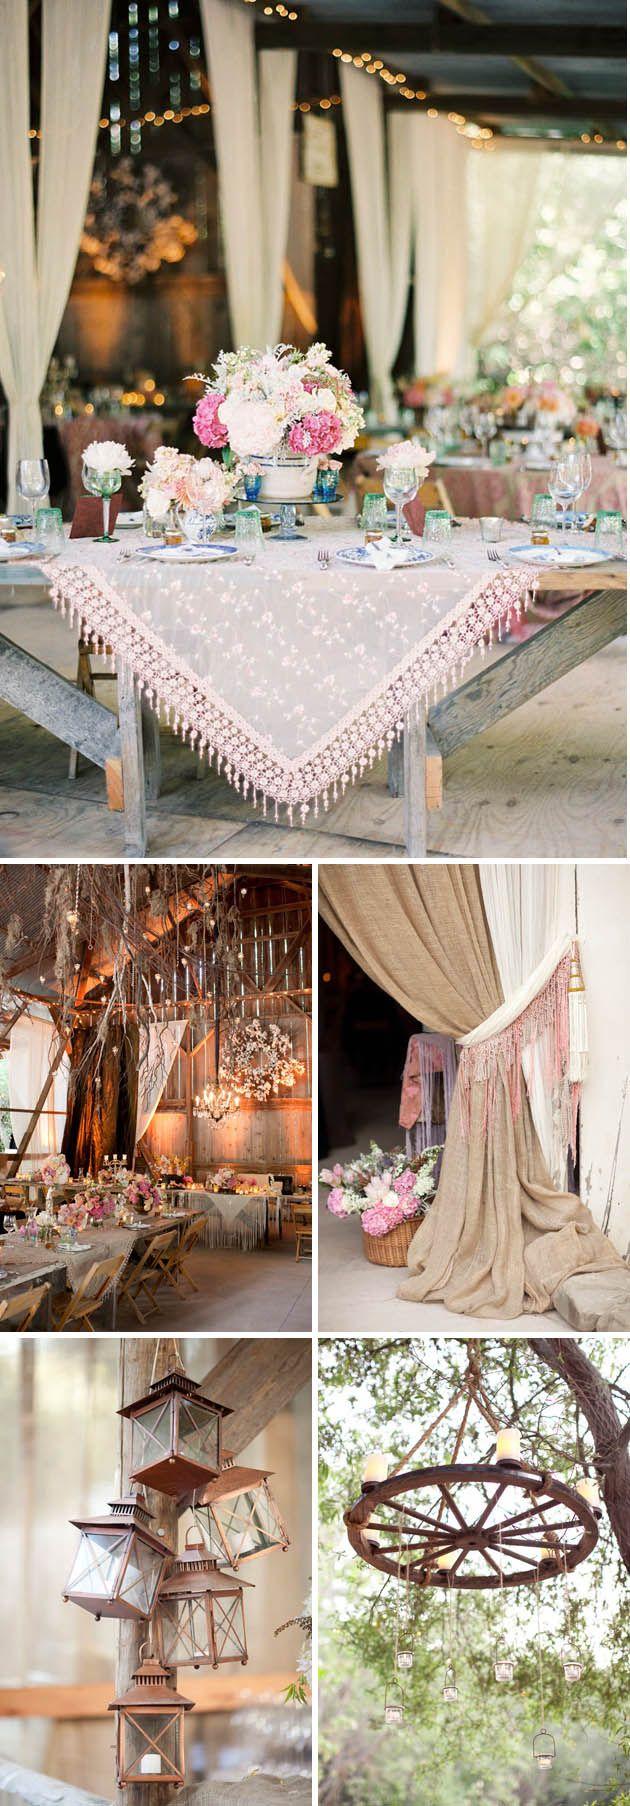 vestido-de-noiva-diurna-decoração-de-casamento-boho-chic 2